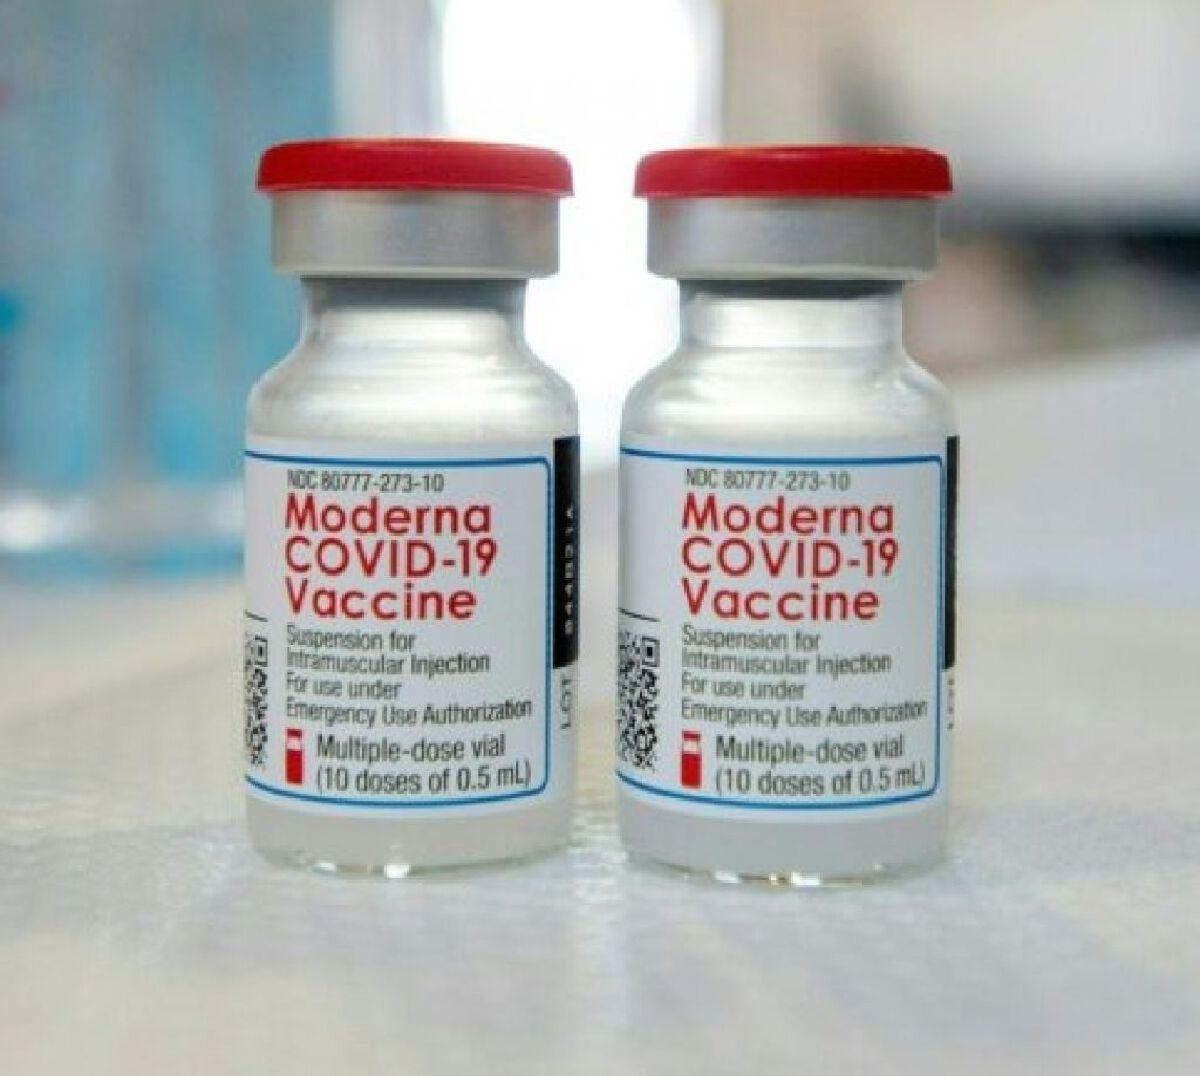 โรงพยาบาลวิภาวดี เปิดจองวัคซีนทางเลือก โมเดอร์นา